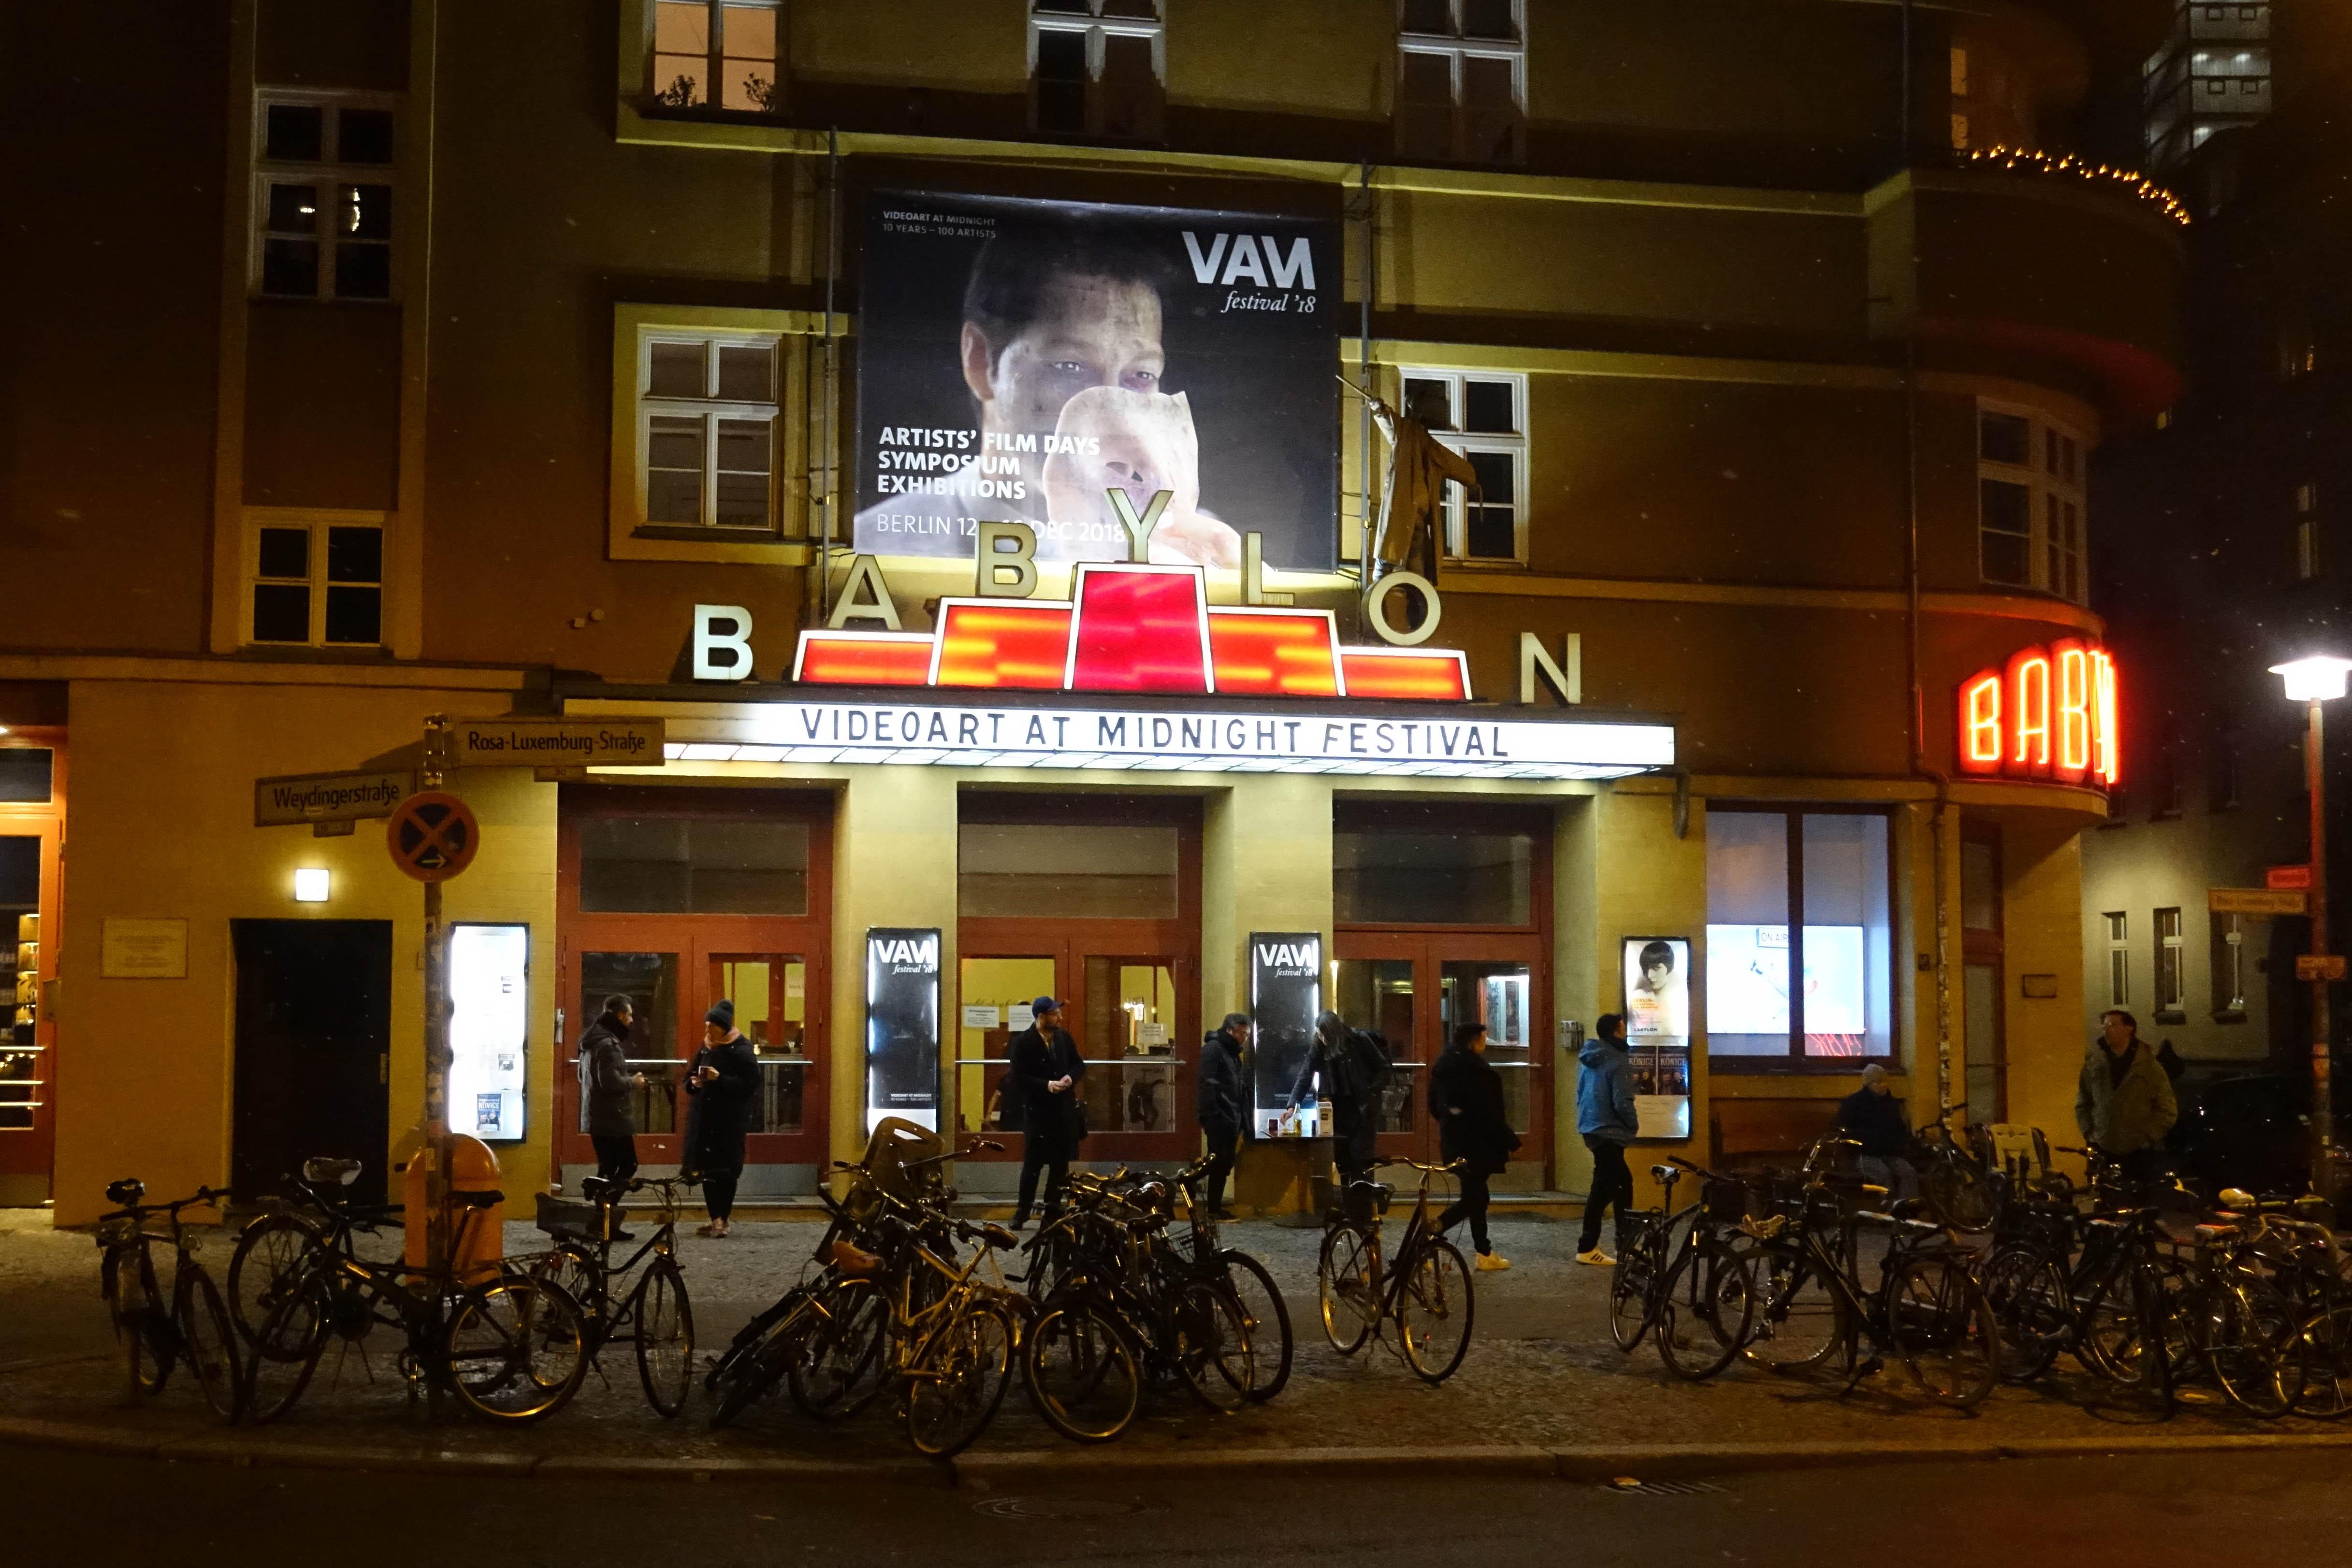 Videoart at Midnight Festival, Berlin 2018